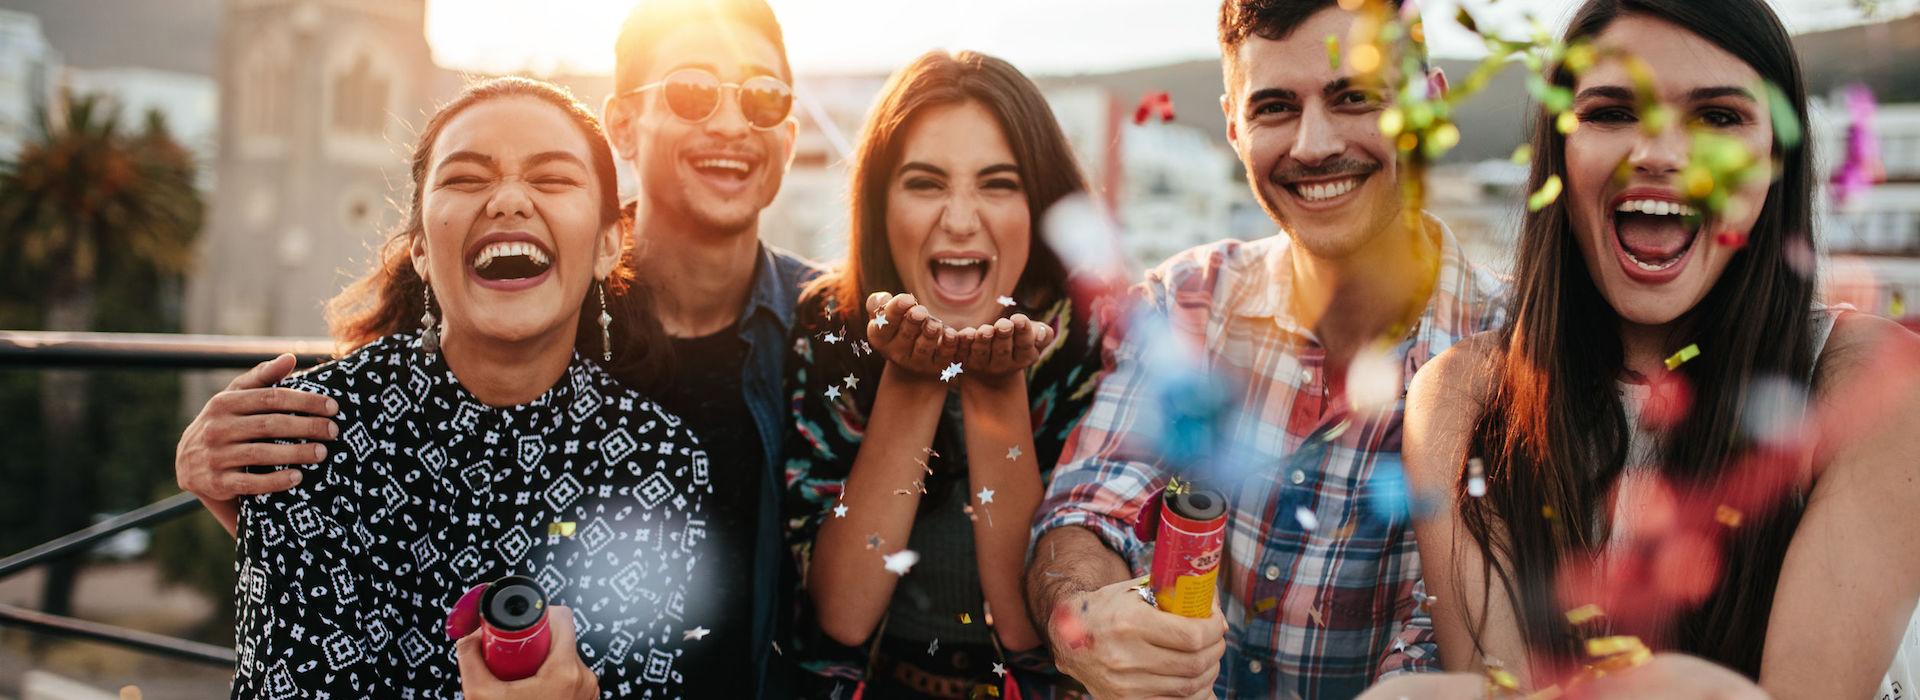 Glückliche-Kunden-Customer-Experience